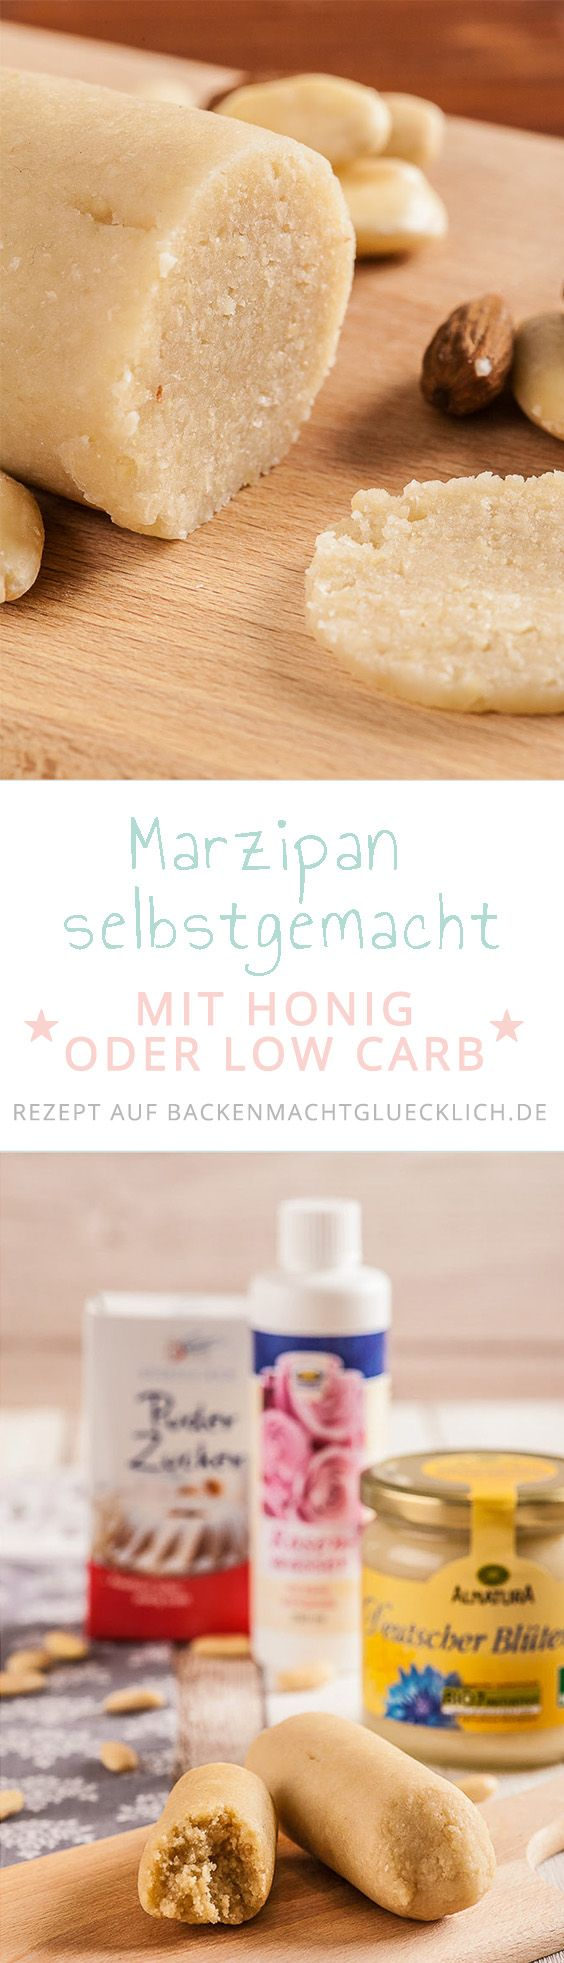 Einfaches Grundrezept für blitzschnelle Marzipanrohmasse mit tollen Tipps wie man Low Carb Marzipan ohne Zucker oder vollwertiges Marzipan selbst herstellen kann.